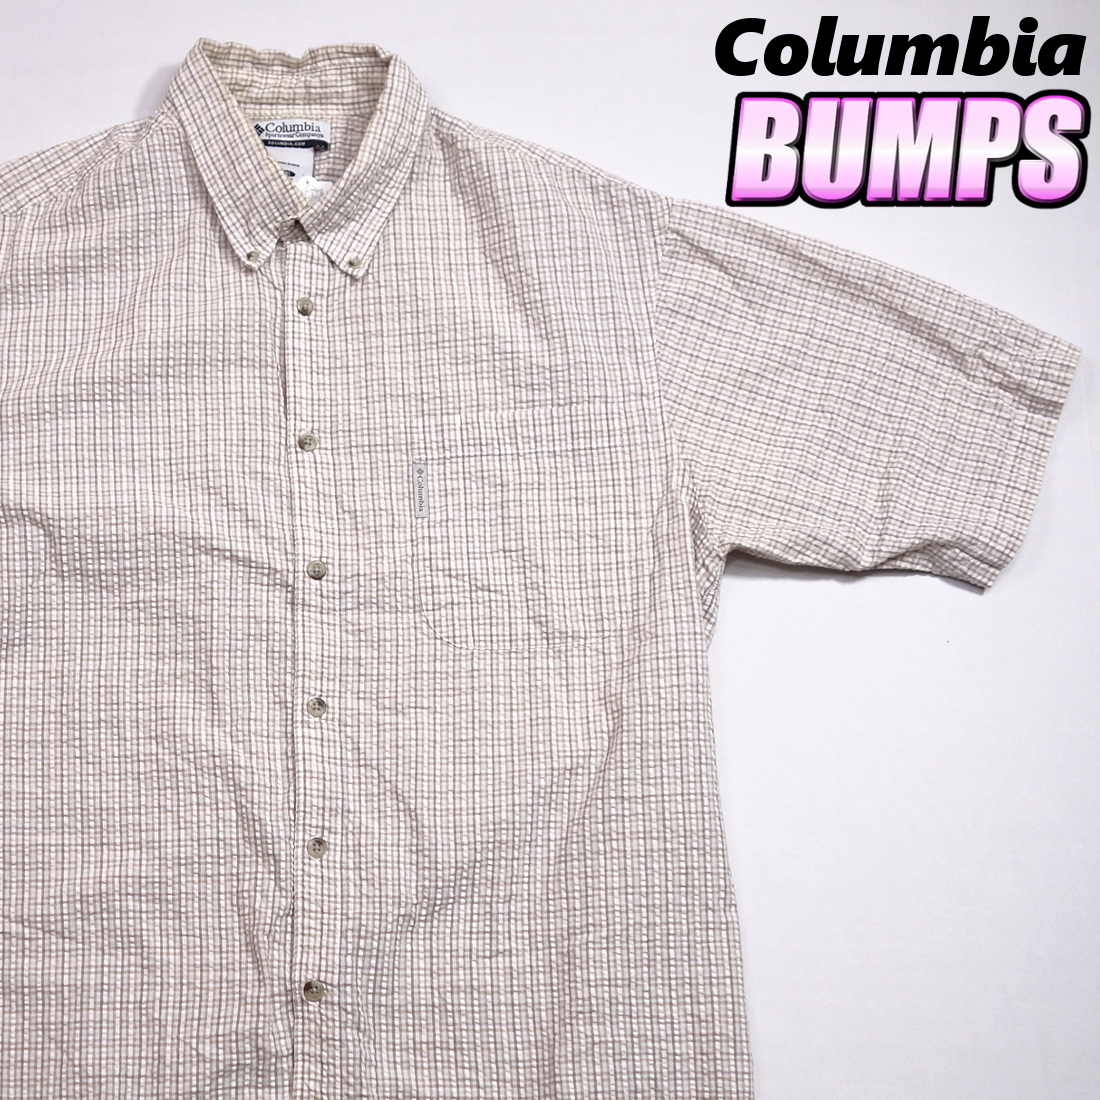 コロンビア Columbia チェックシャツ 半袖 メンズ XL 大きいサイズ ボタンダウン シワ加工 Yシャツ アメリカ USA直輸入 古着 MNO-3-6-0003_画像1